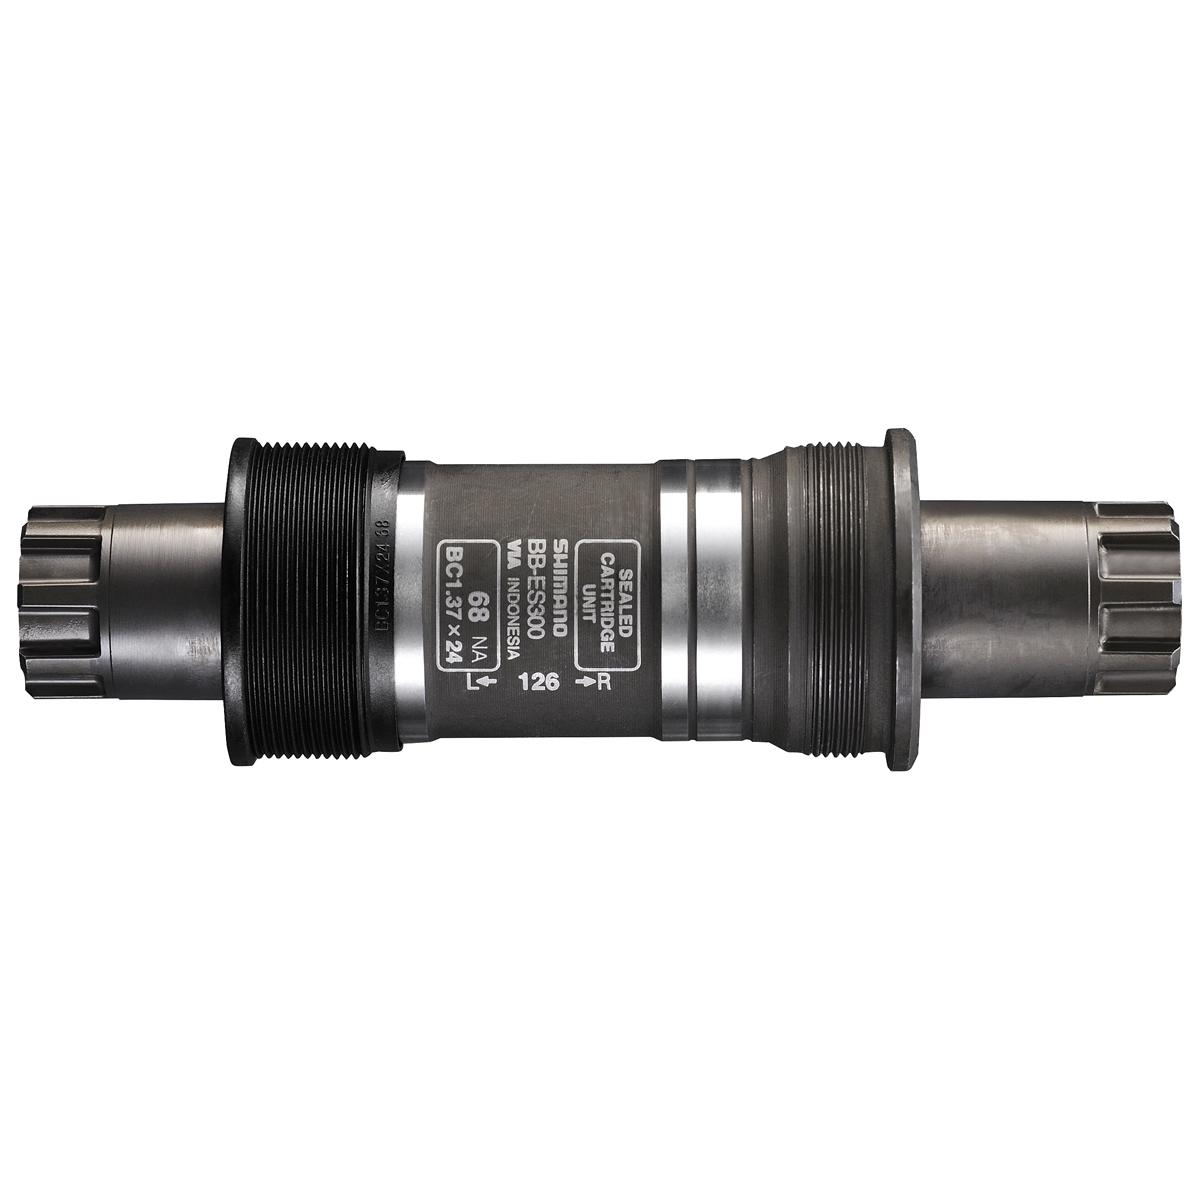 Boîtier de pédalier Acera BB-ES3000 Octalink BSA 118 x 73 mm